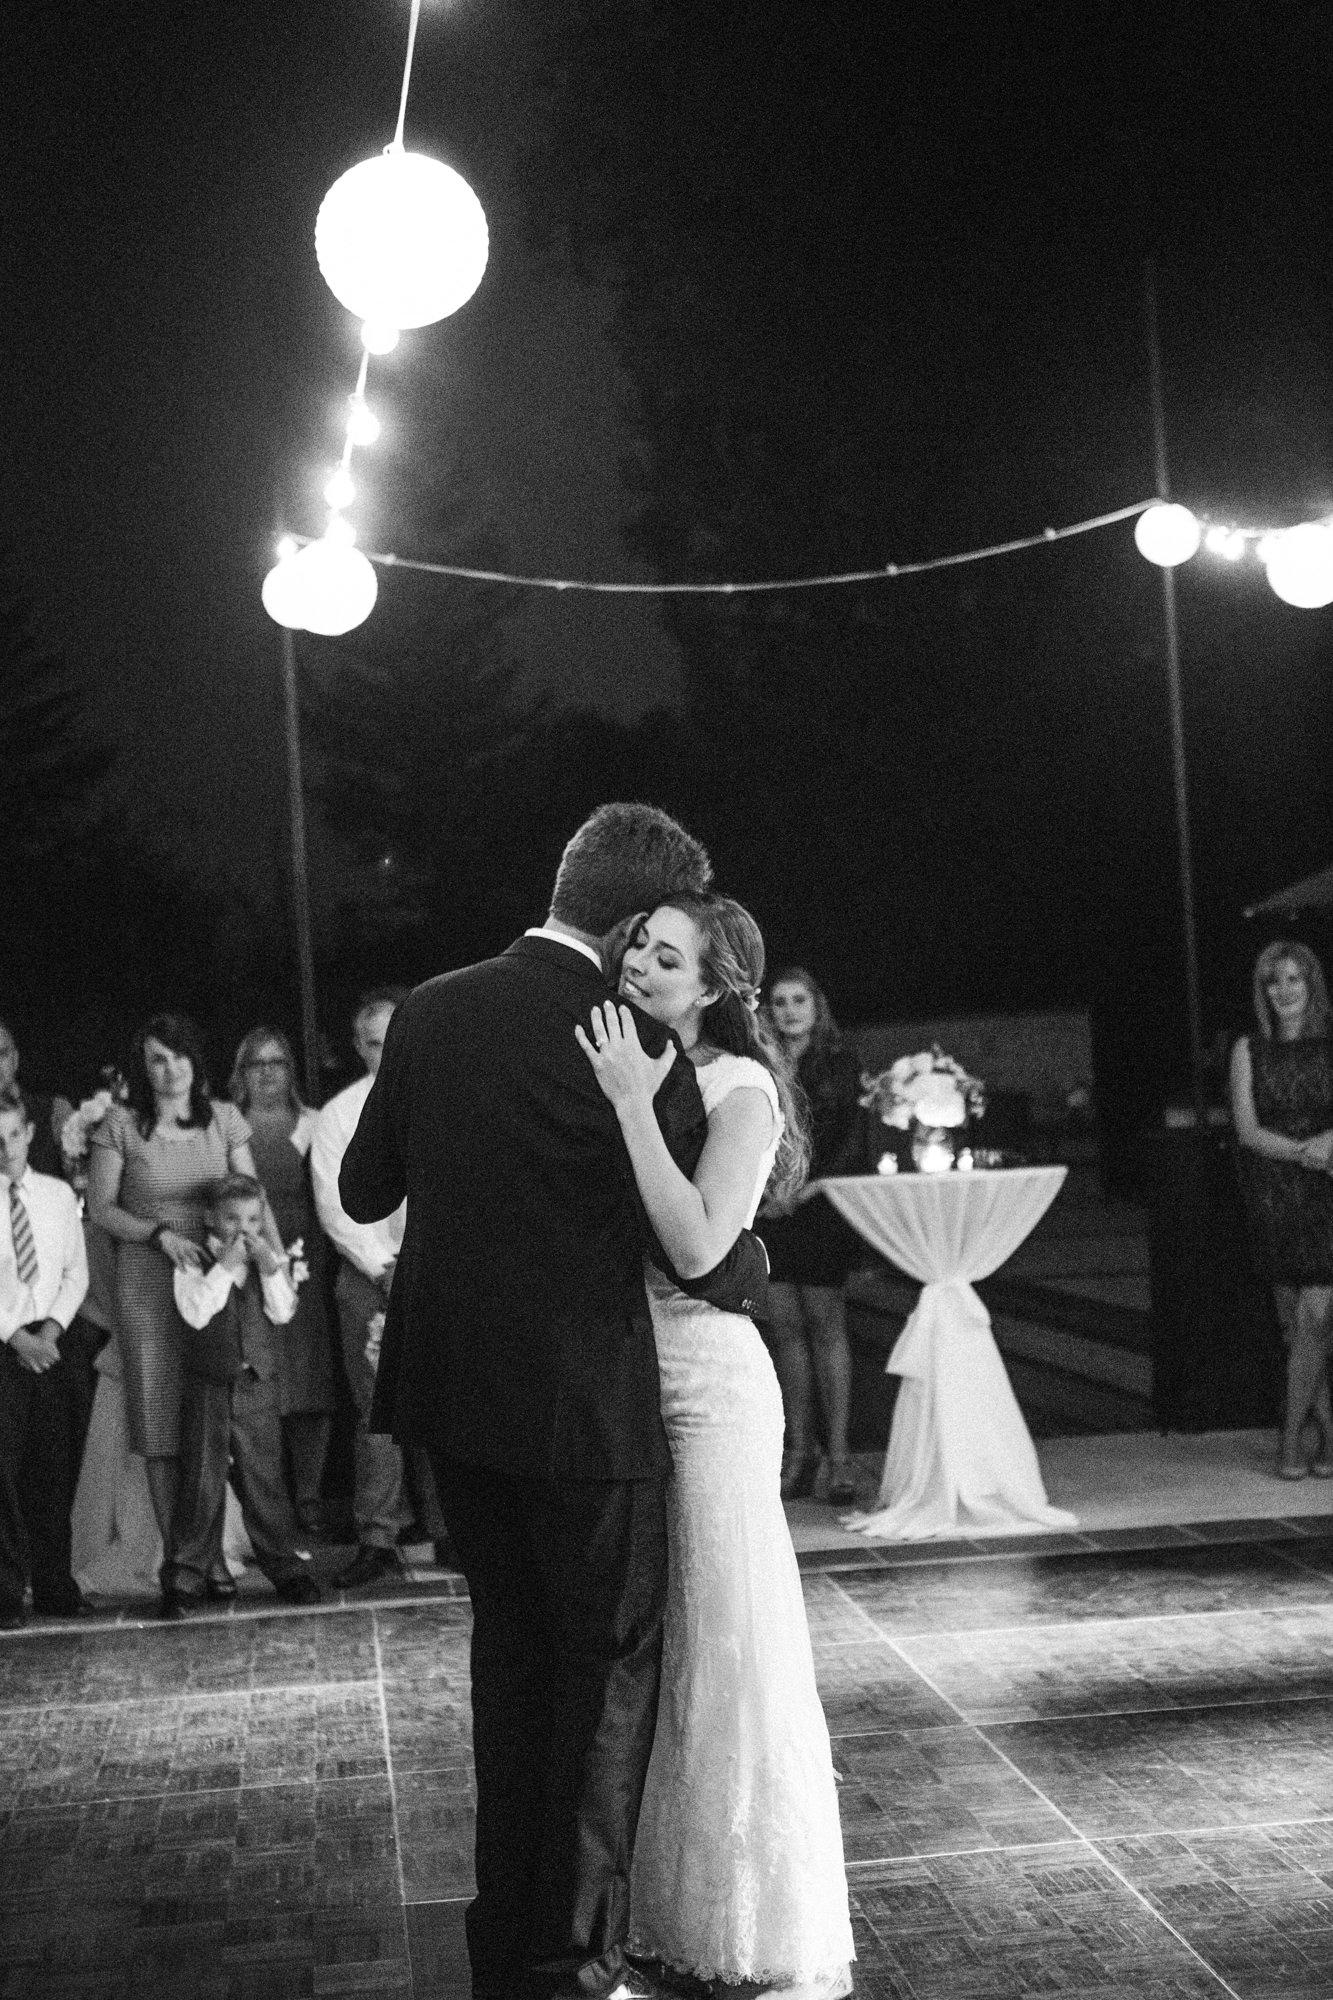 los_angeles_mormon_temple_wedding-49.jpg